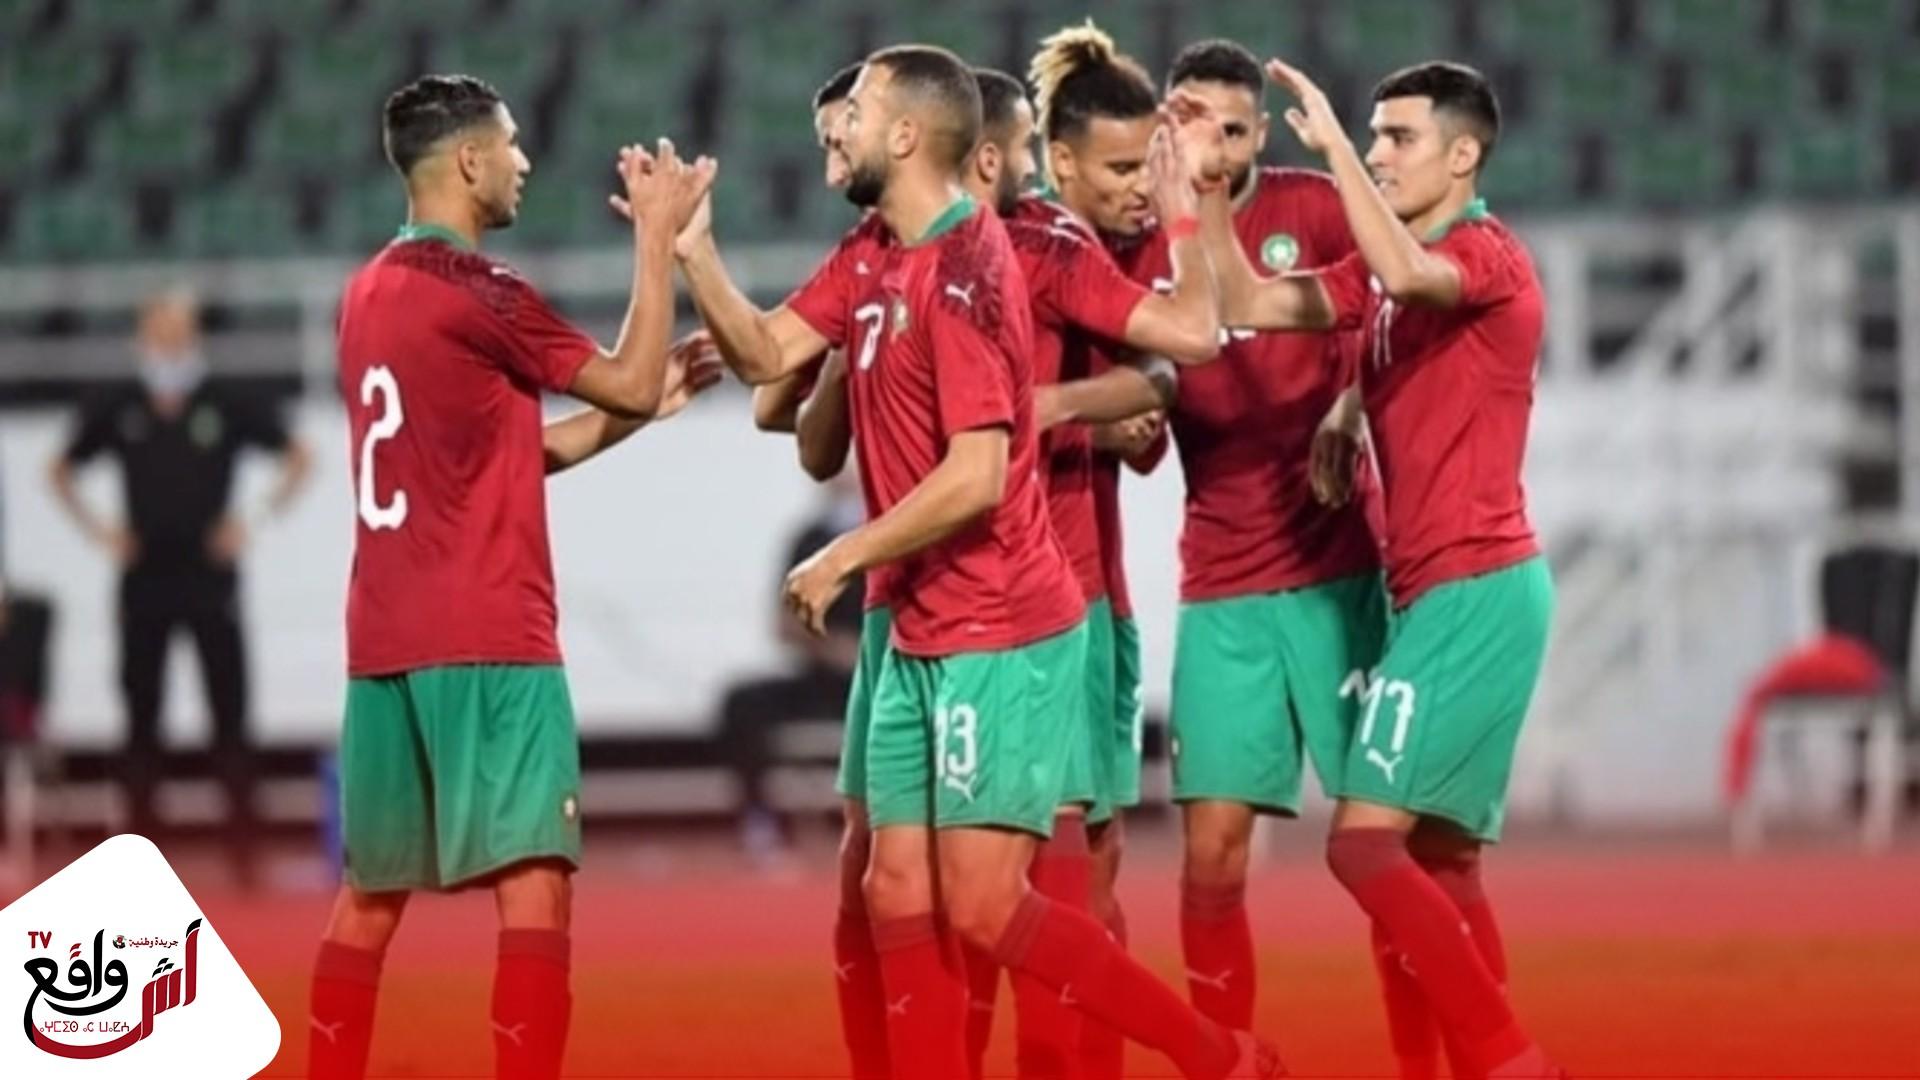 المنتخب المغربي يفوز بأربعة أهداف على إفريقيا الوسطى ويستعيدُ صدارةَ مجموعته